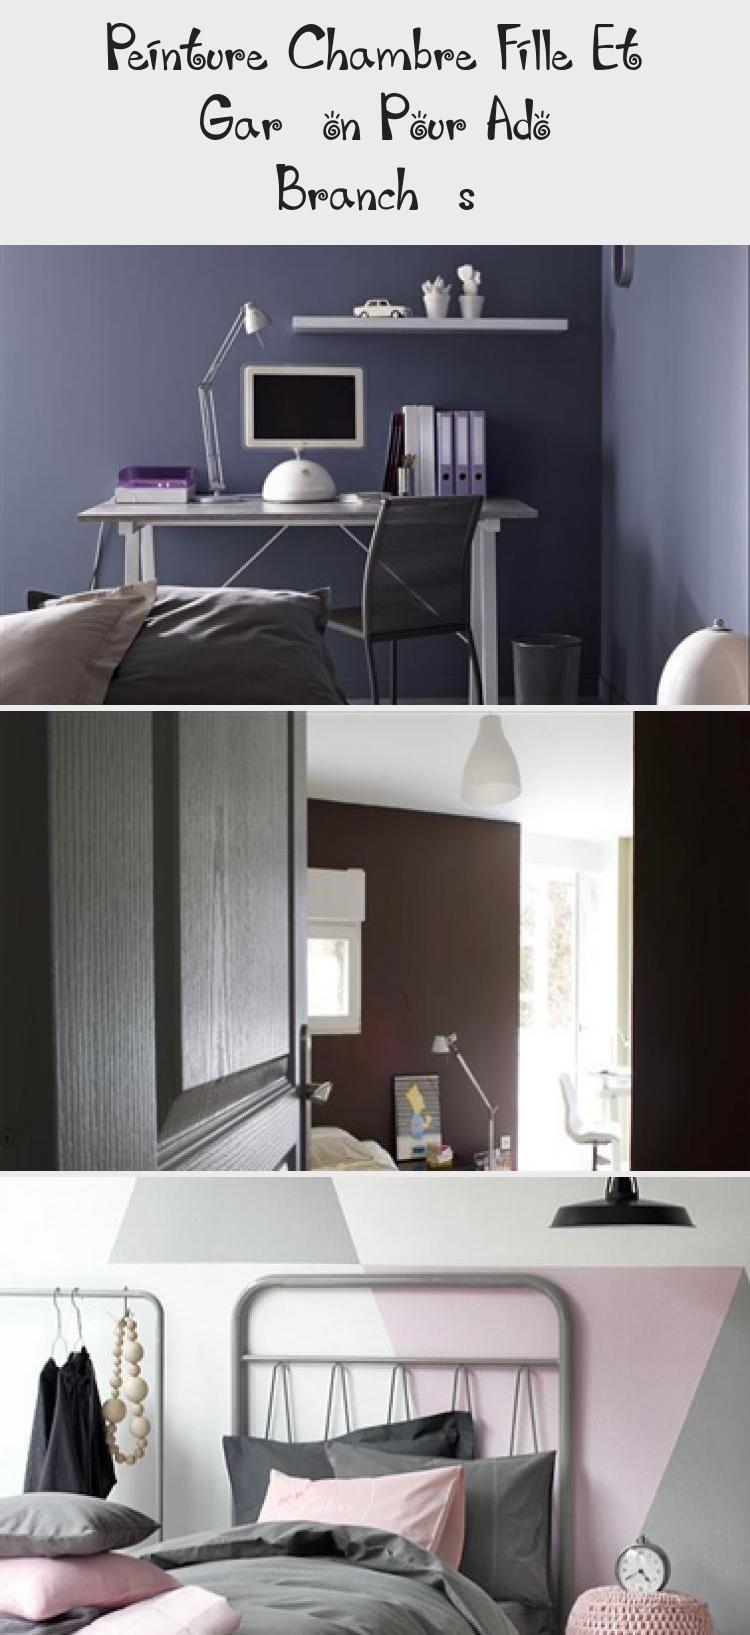 Peinture Chambre Fille Et Garcon Pour Ado Branches Decoration Ensuite Home Home Decor